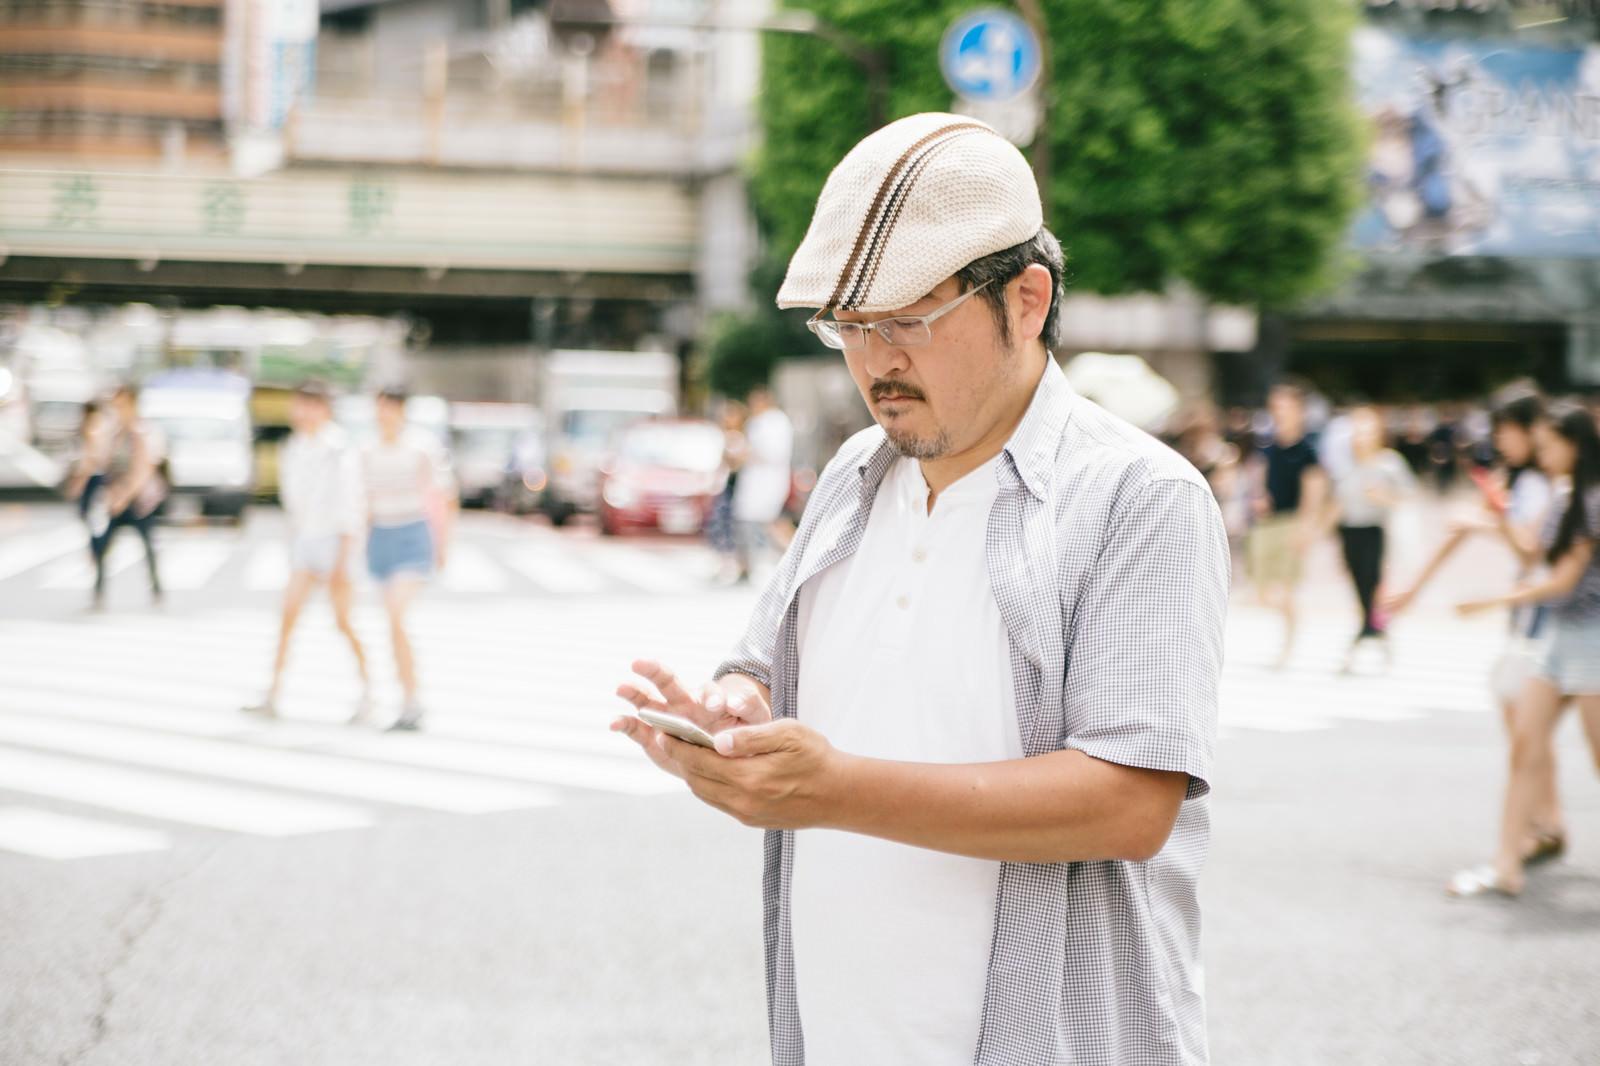 「横断中の歩きスマホはやめましょう」の写真[モデル:ナリシゲ]